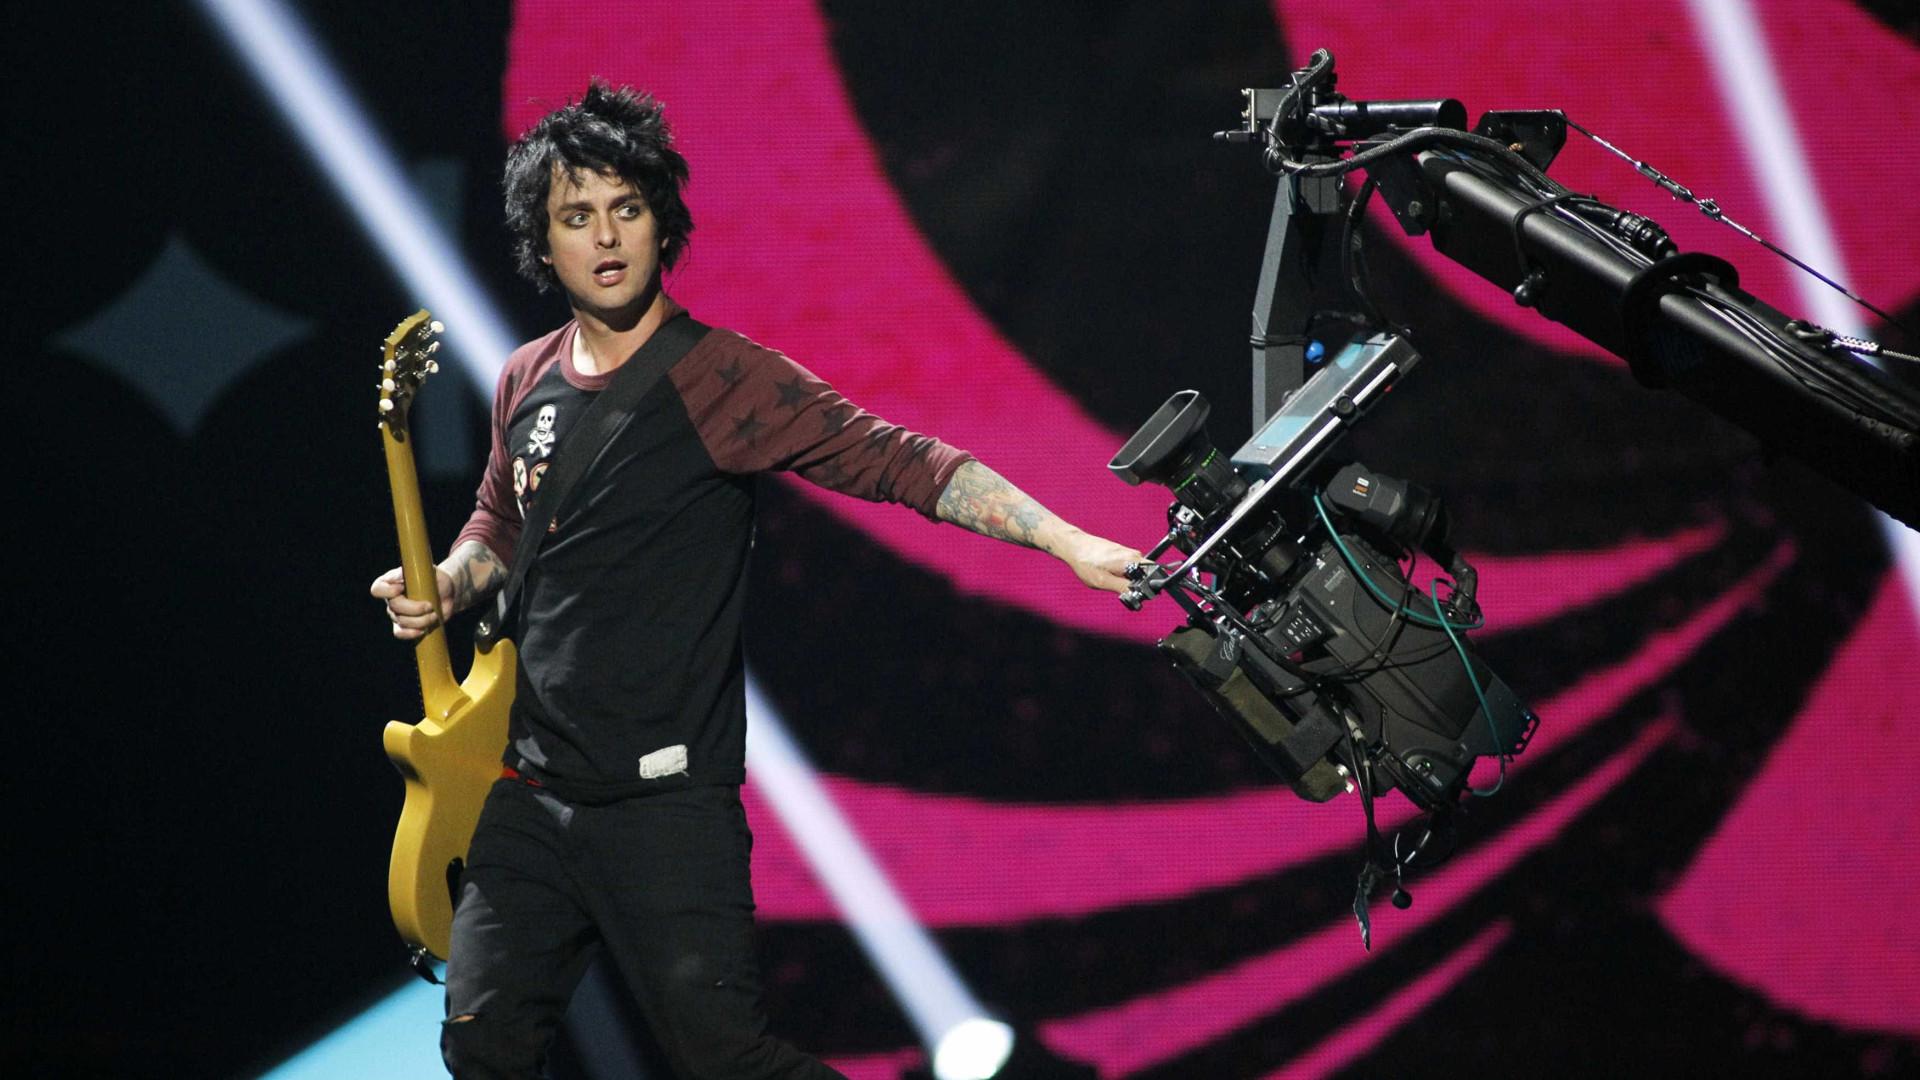 Clássico de Green Day volta aos tops ingleses à espera de visita de Trump